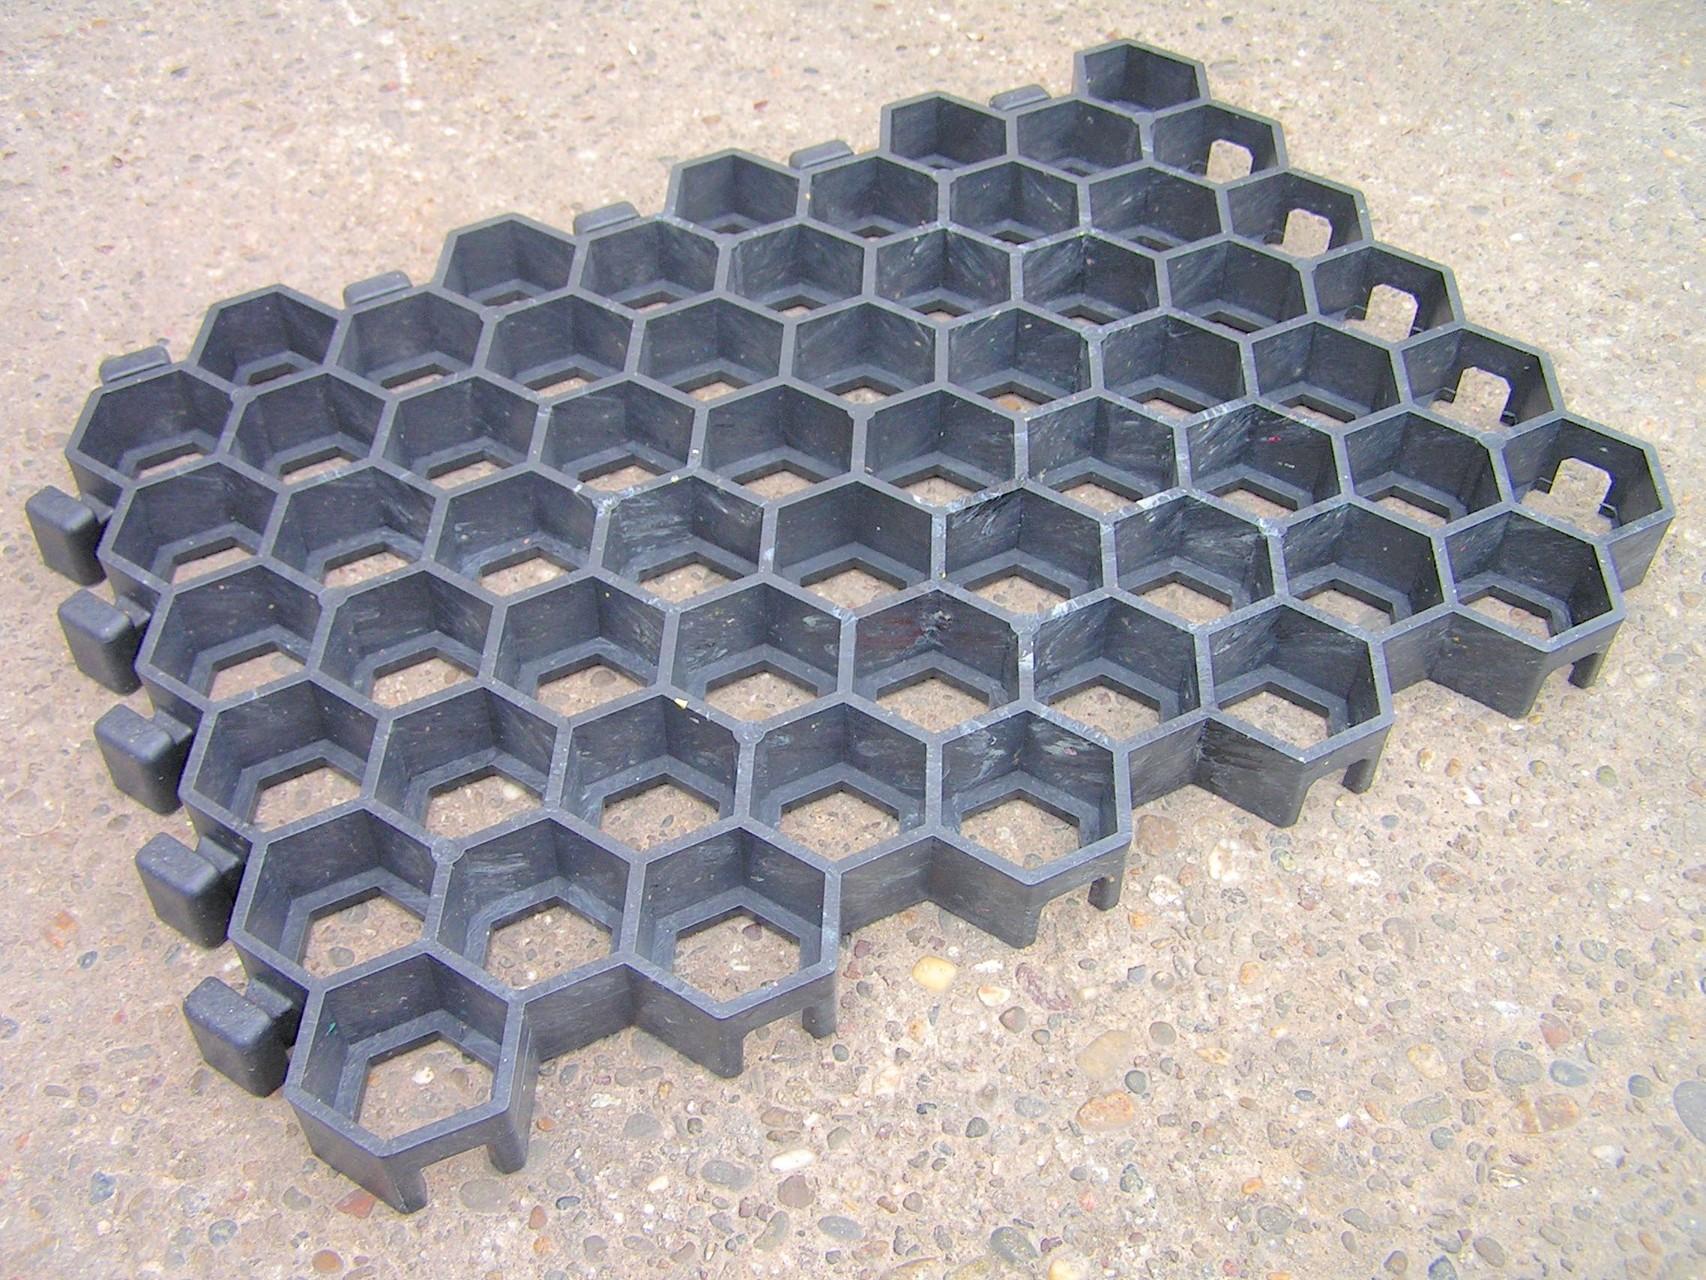 kunststoff rasengitter rk shop recycling kunststoff produkte. Black Bedroom Furniture Sets. Home Design Ideas